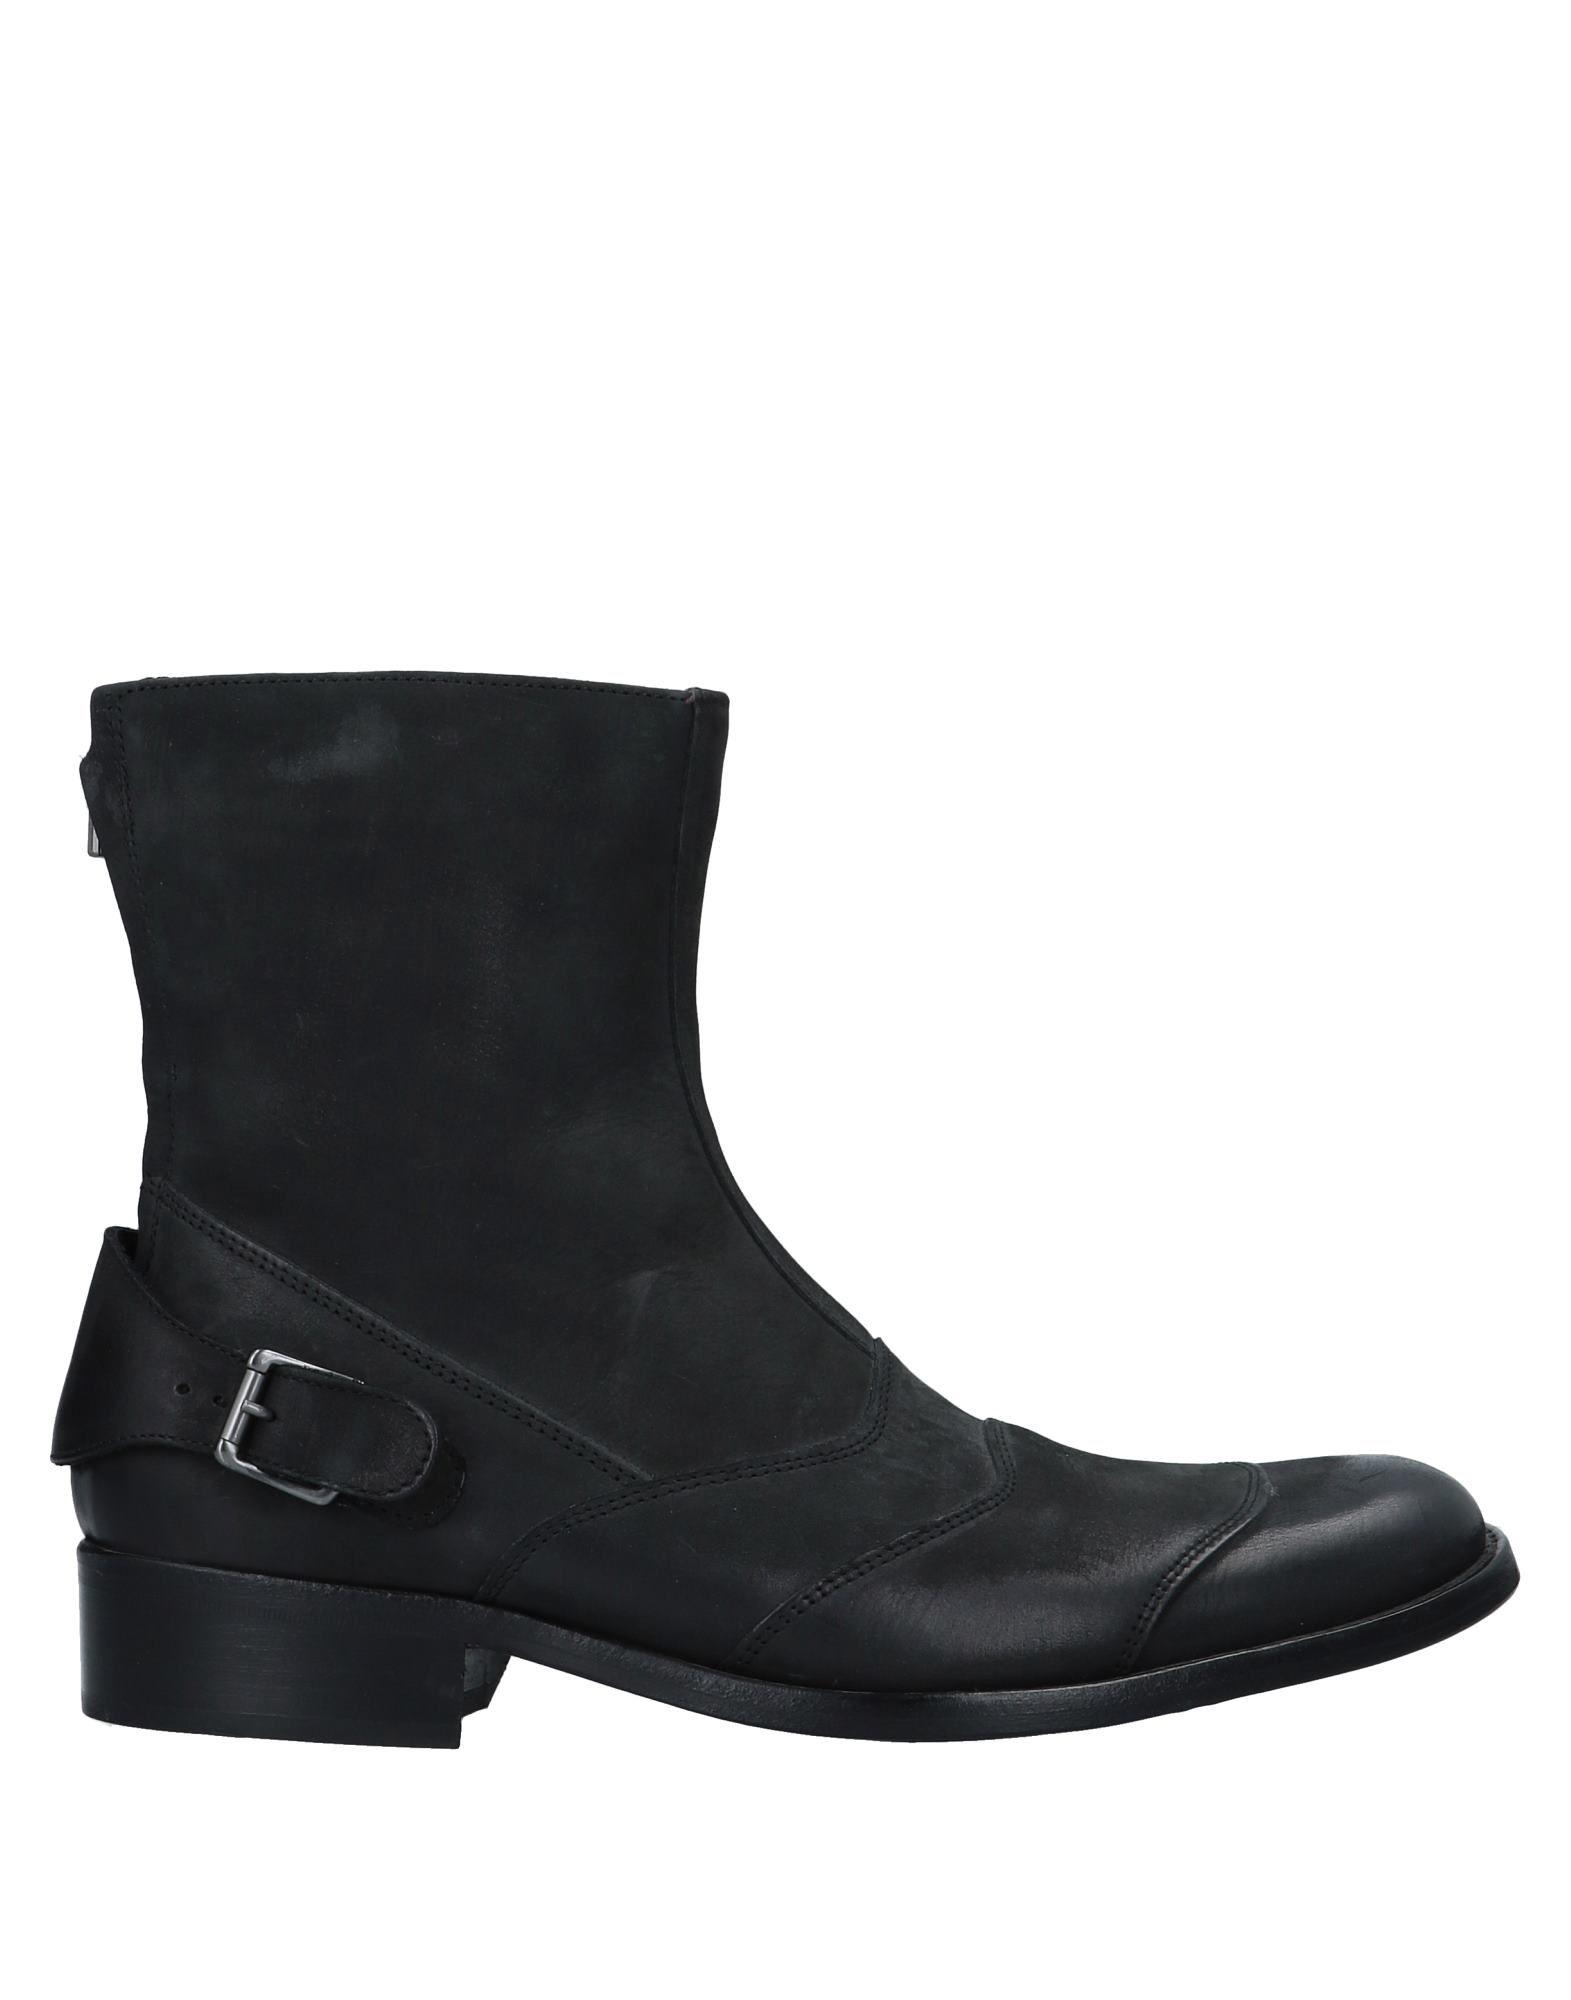 Belstaff Stiefelette Herren  11534528GM Gute Qualität beliebte Schuhe